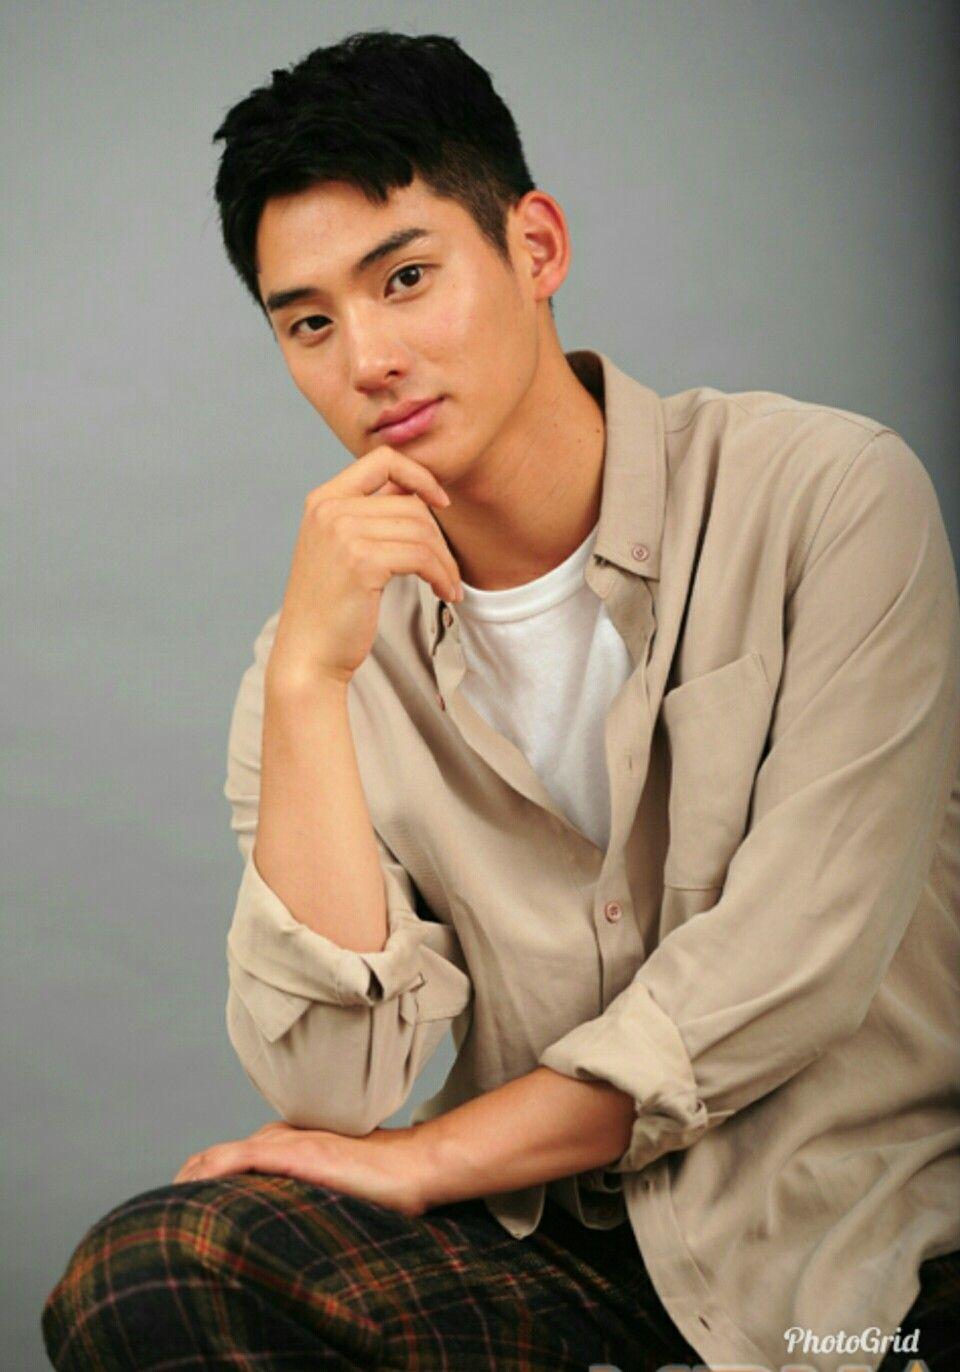 Resultado de imagen para jung ga ram